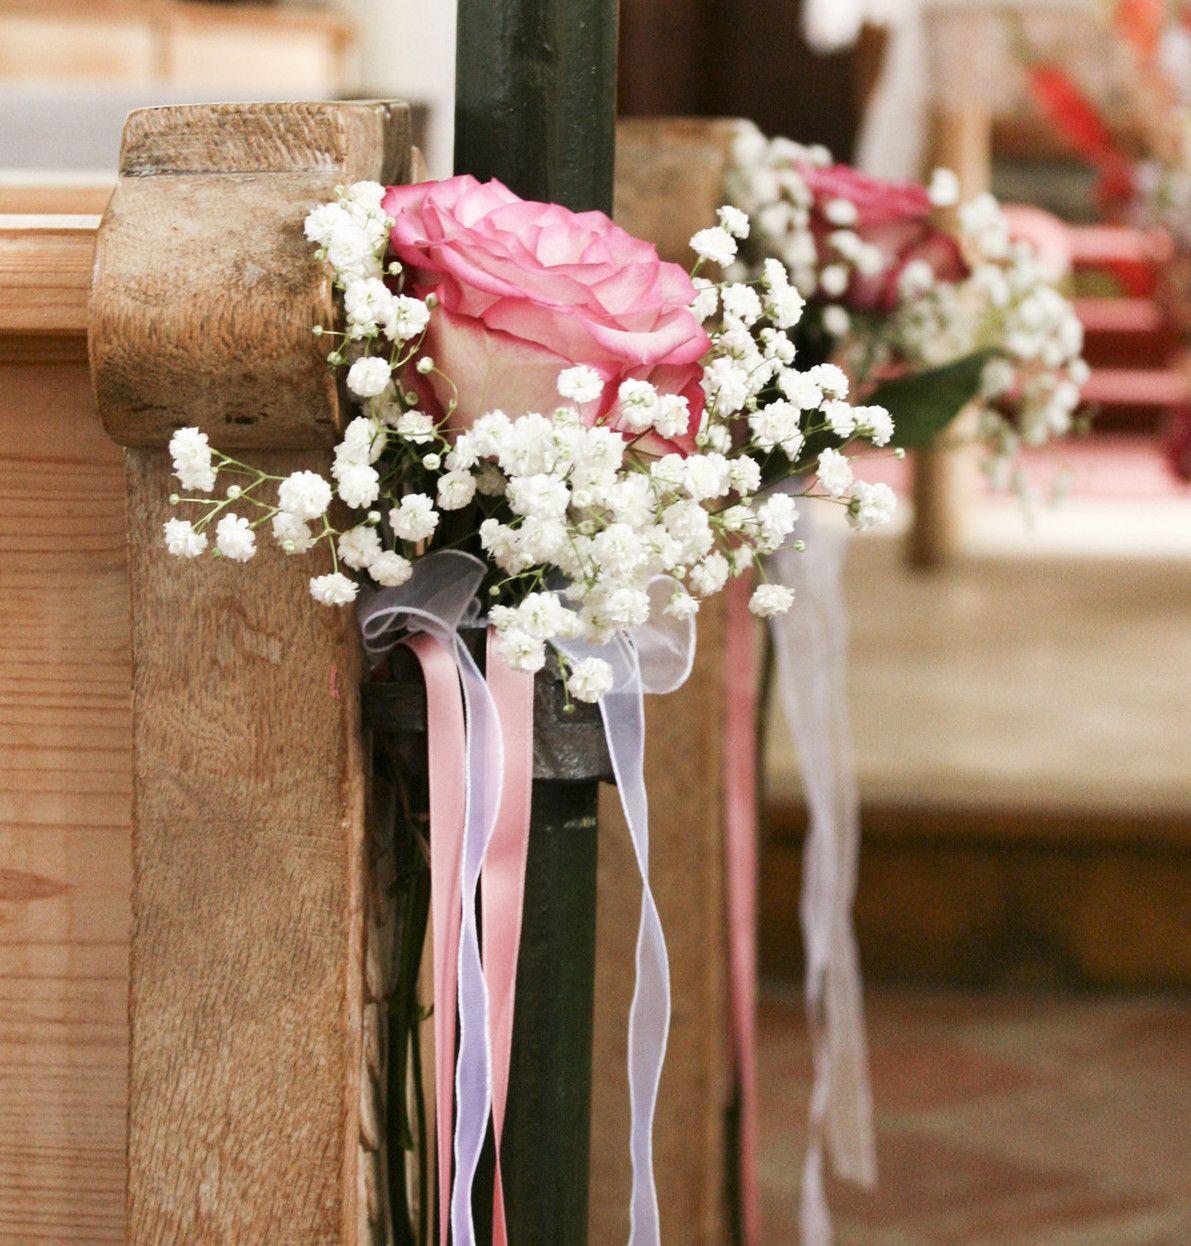 kirchenschmuck mit schleierkraut und rosafarbener rose hochzeit rosa creme pinterest. Black Bedroom Furniture Sets. Home Design Ideas